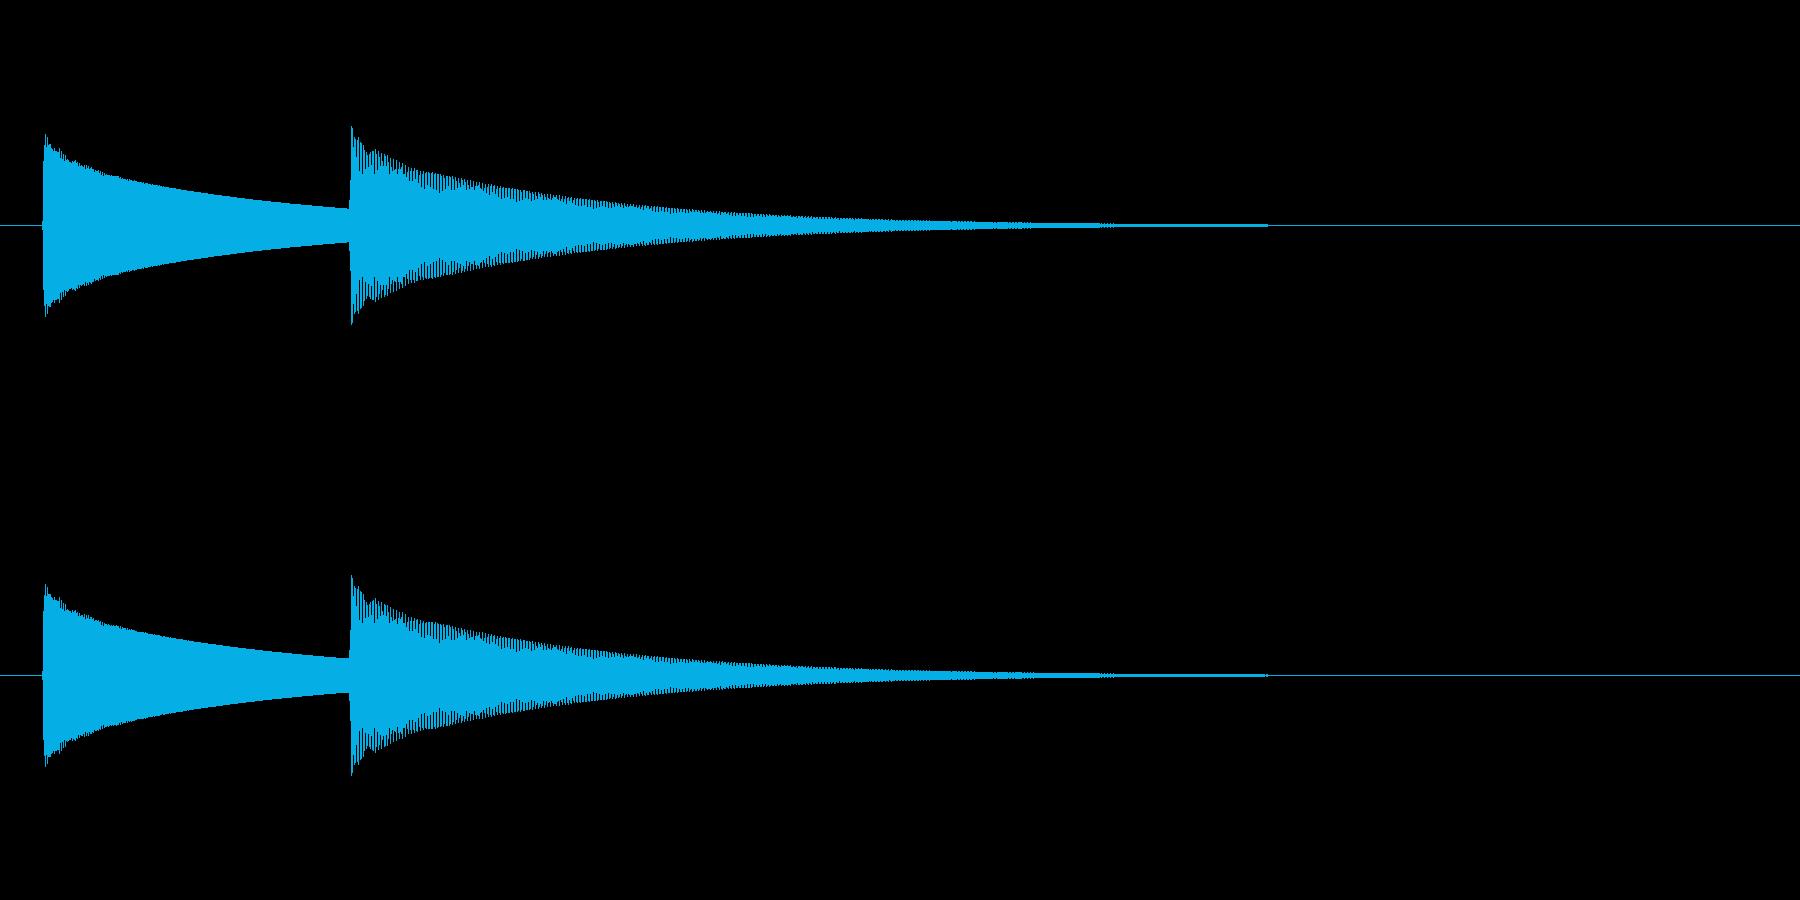 【ドアベル ピンポン02-2】の再生済みの波形